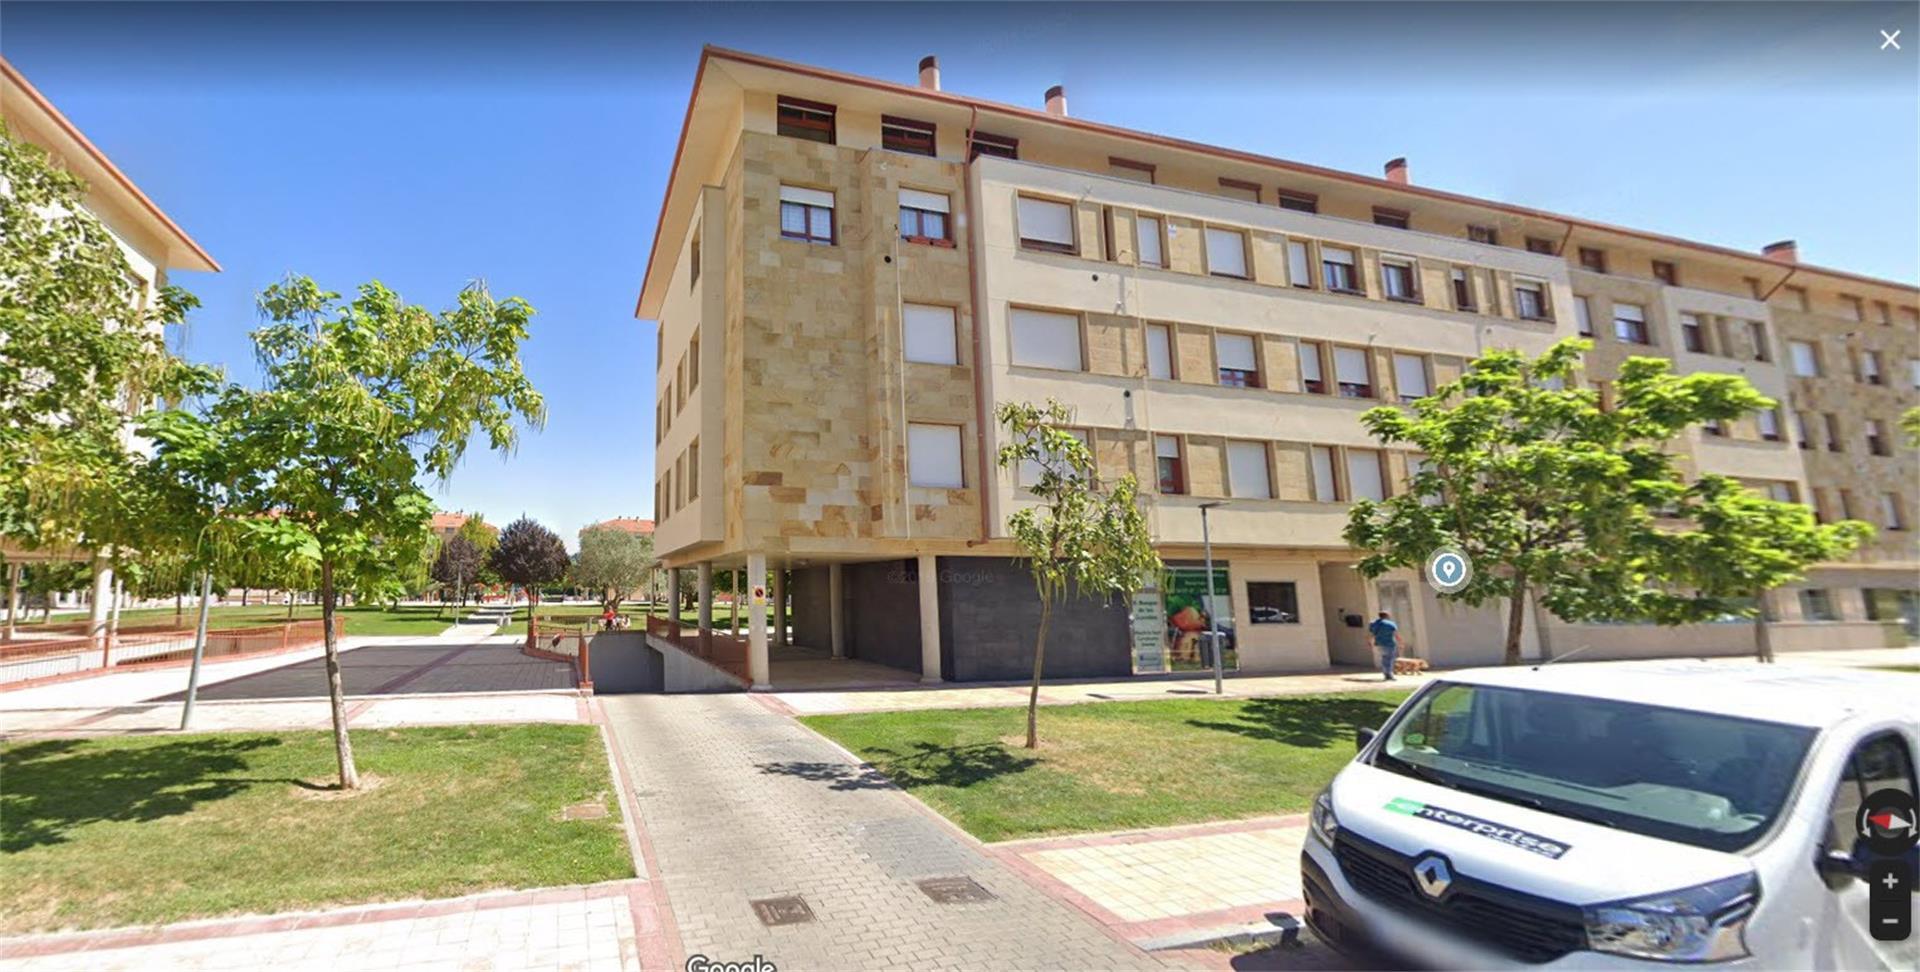 Piso de alquiler en Calle Hernando de Soto La Vega (Arroyo de la Encomienda, Valladolid)